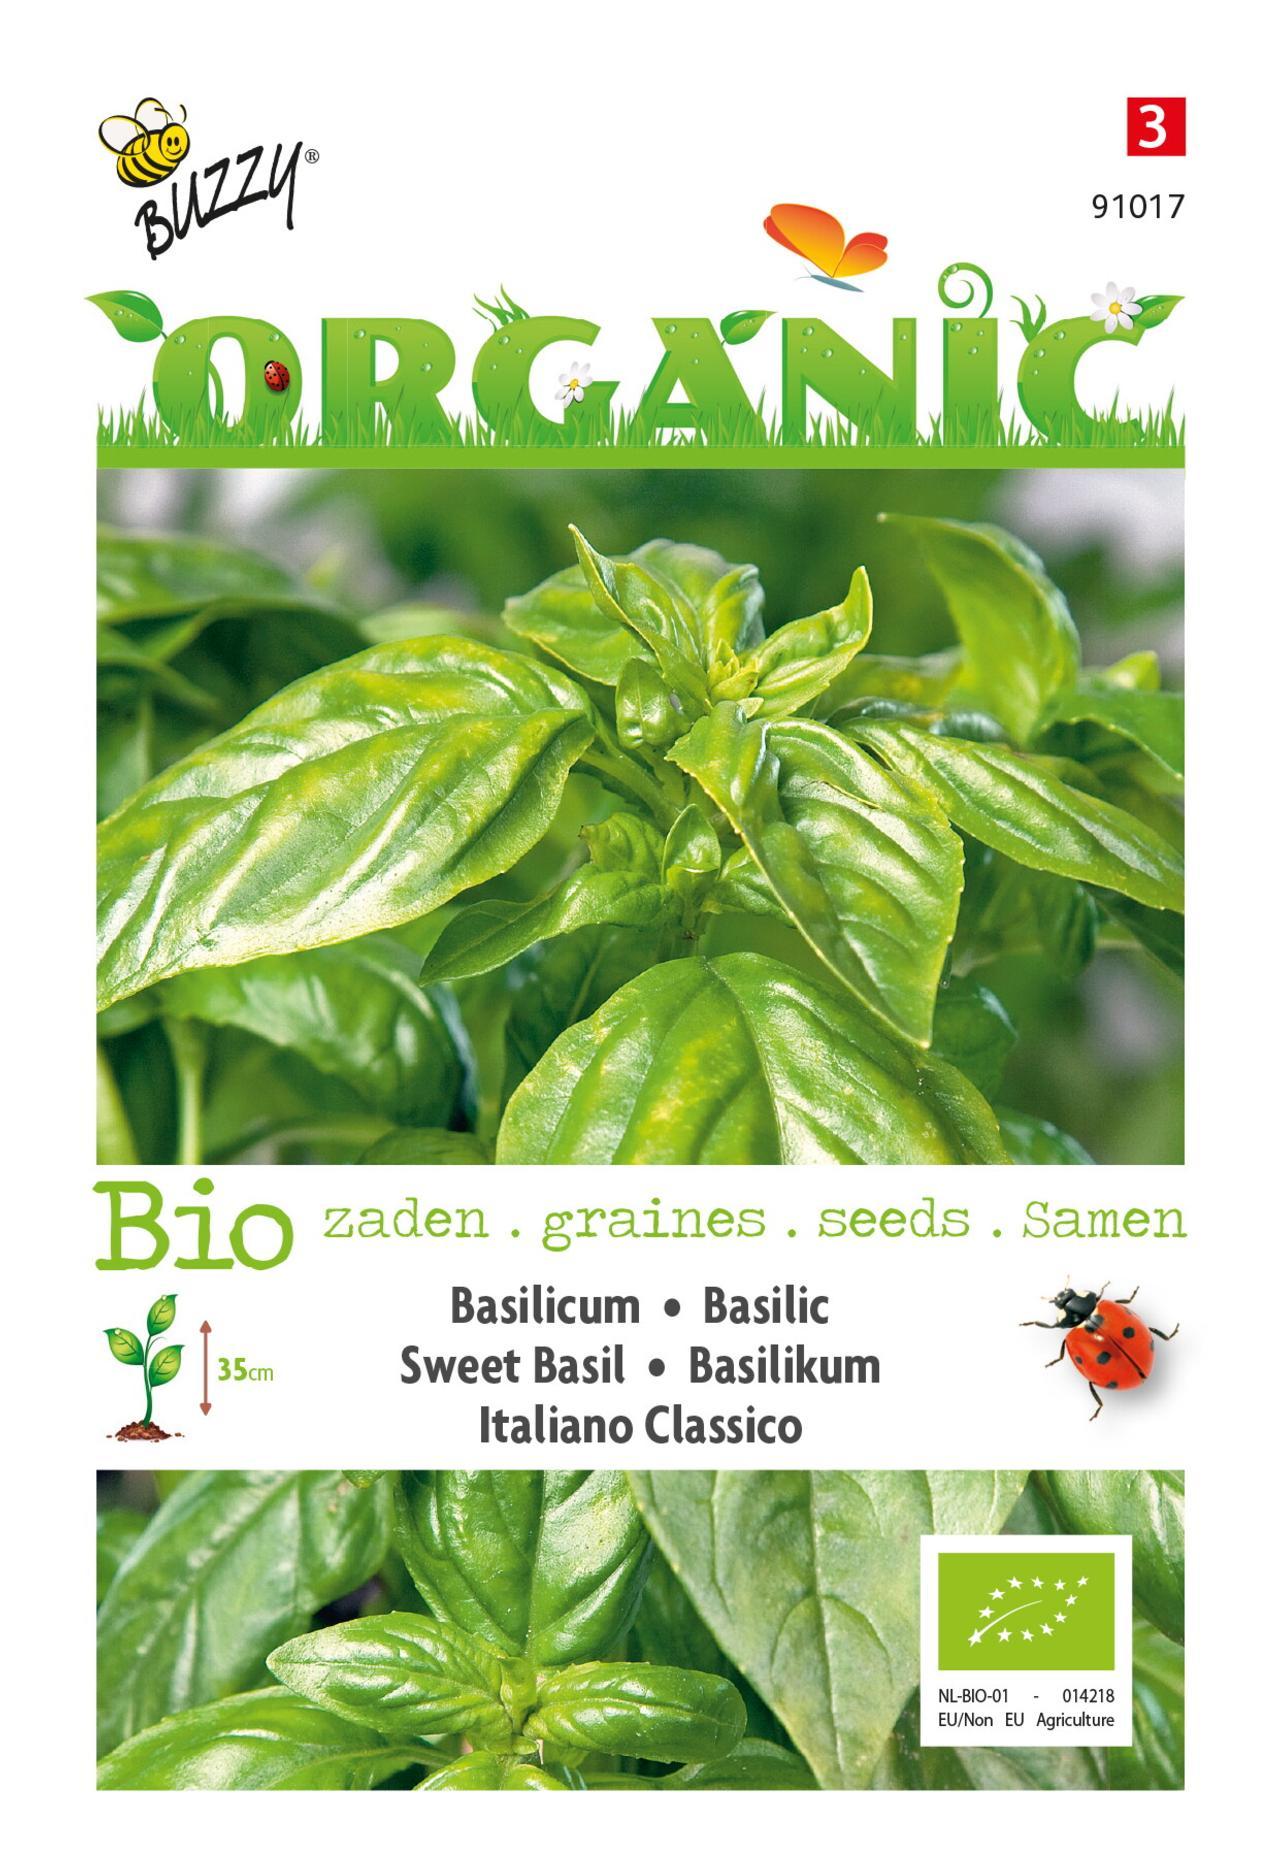 Ocimum basilicum 'Italiano Classico' (BIO) plant